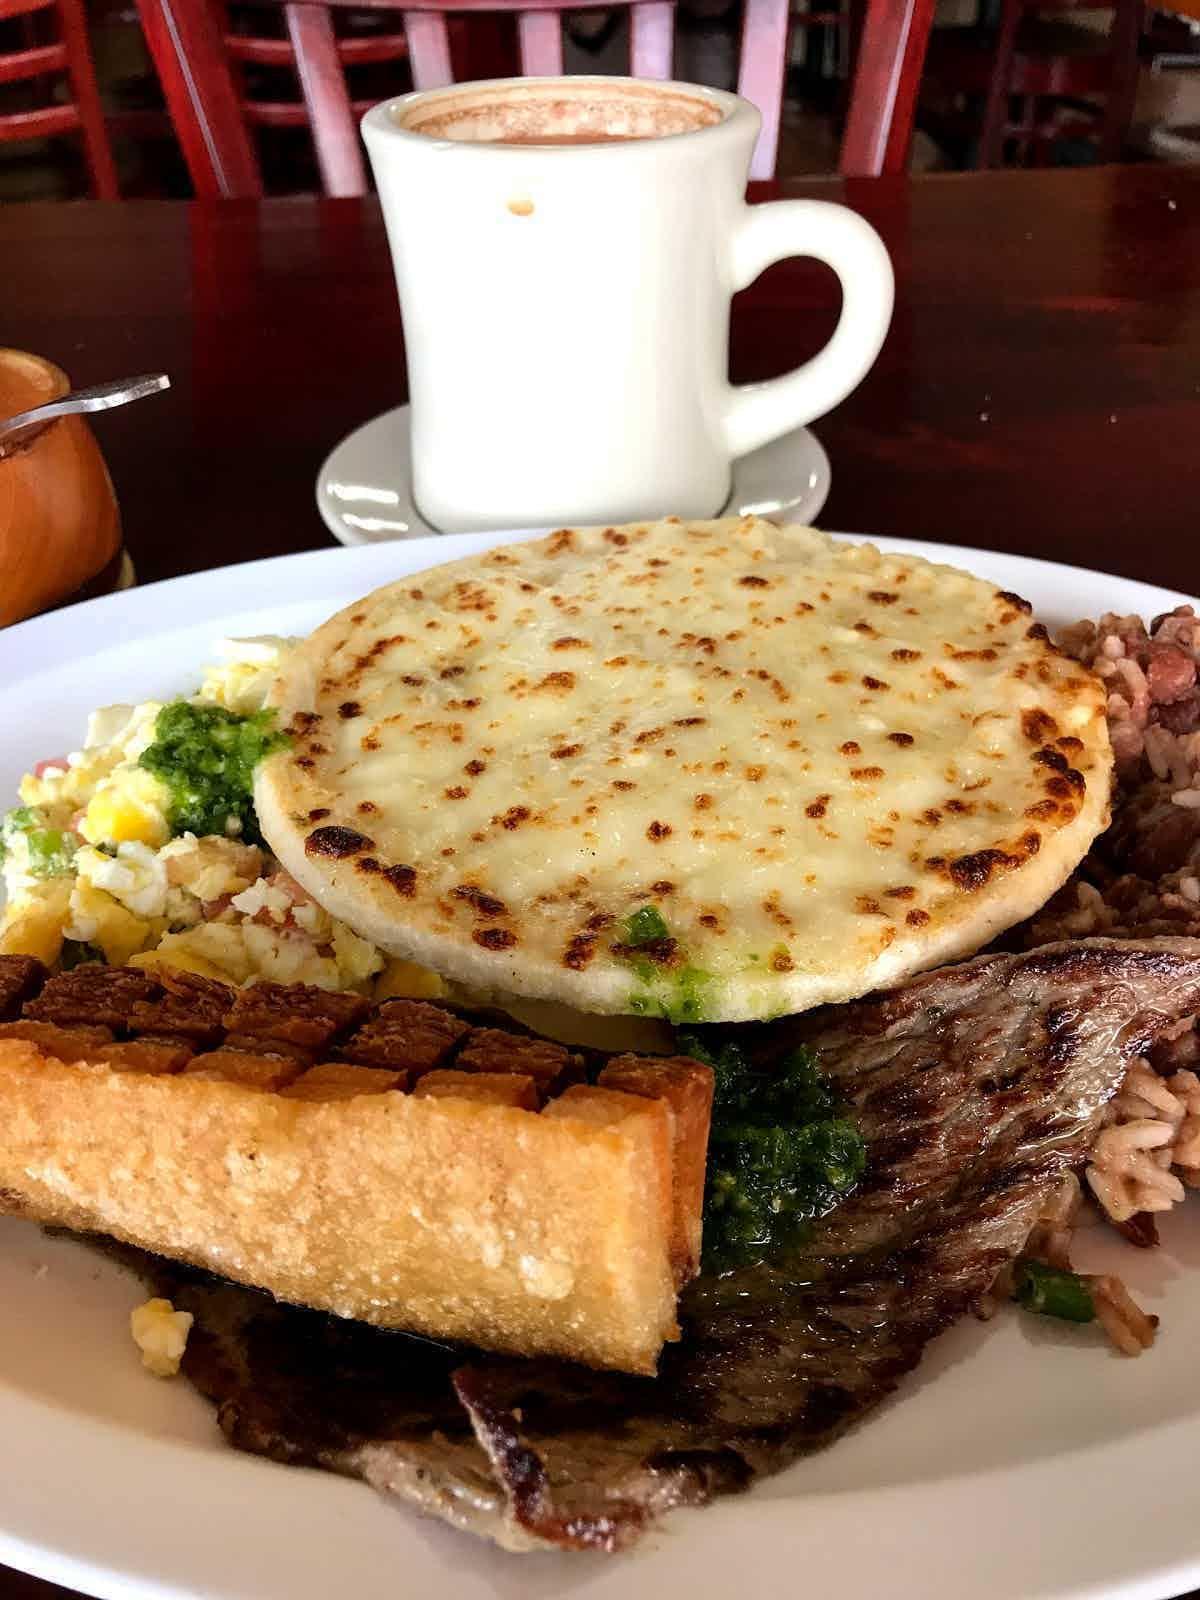 18 photos u2026 & El Patio Colombian Restaurant - Fort Lauderdale | Restaurant Review ...